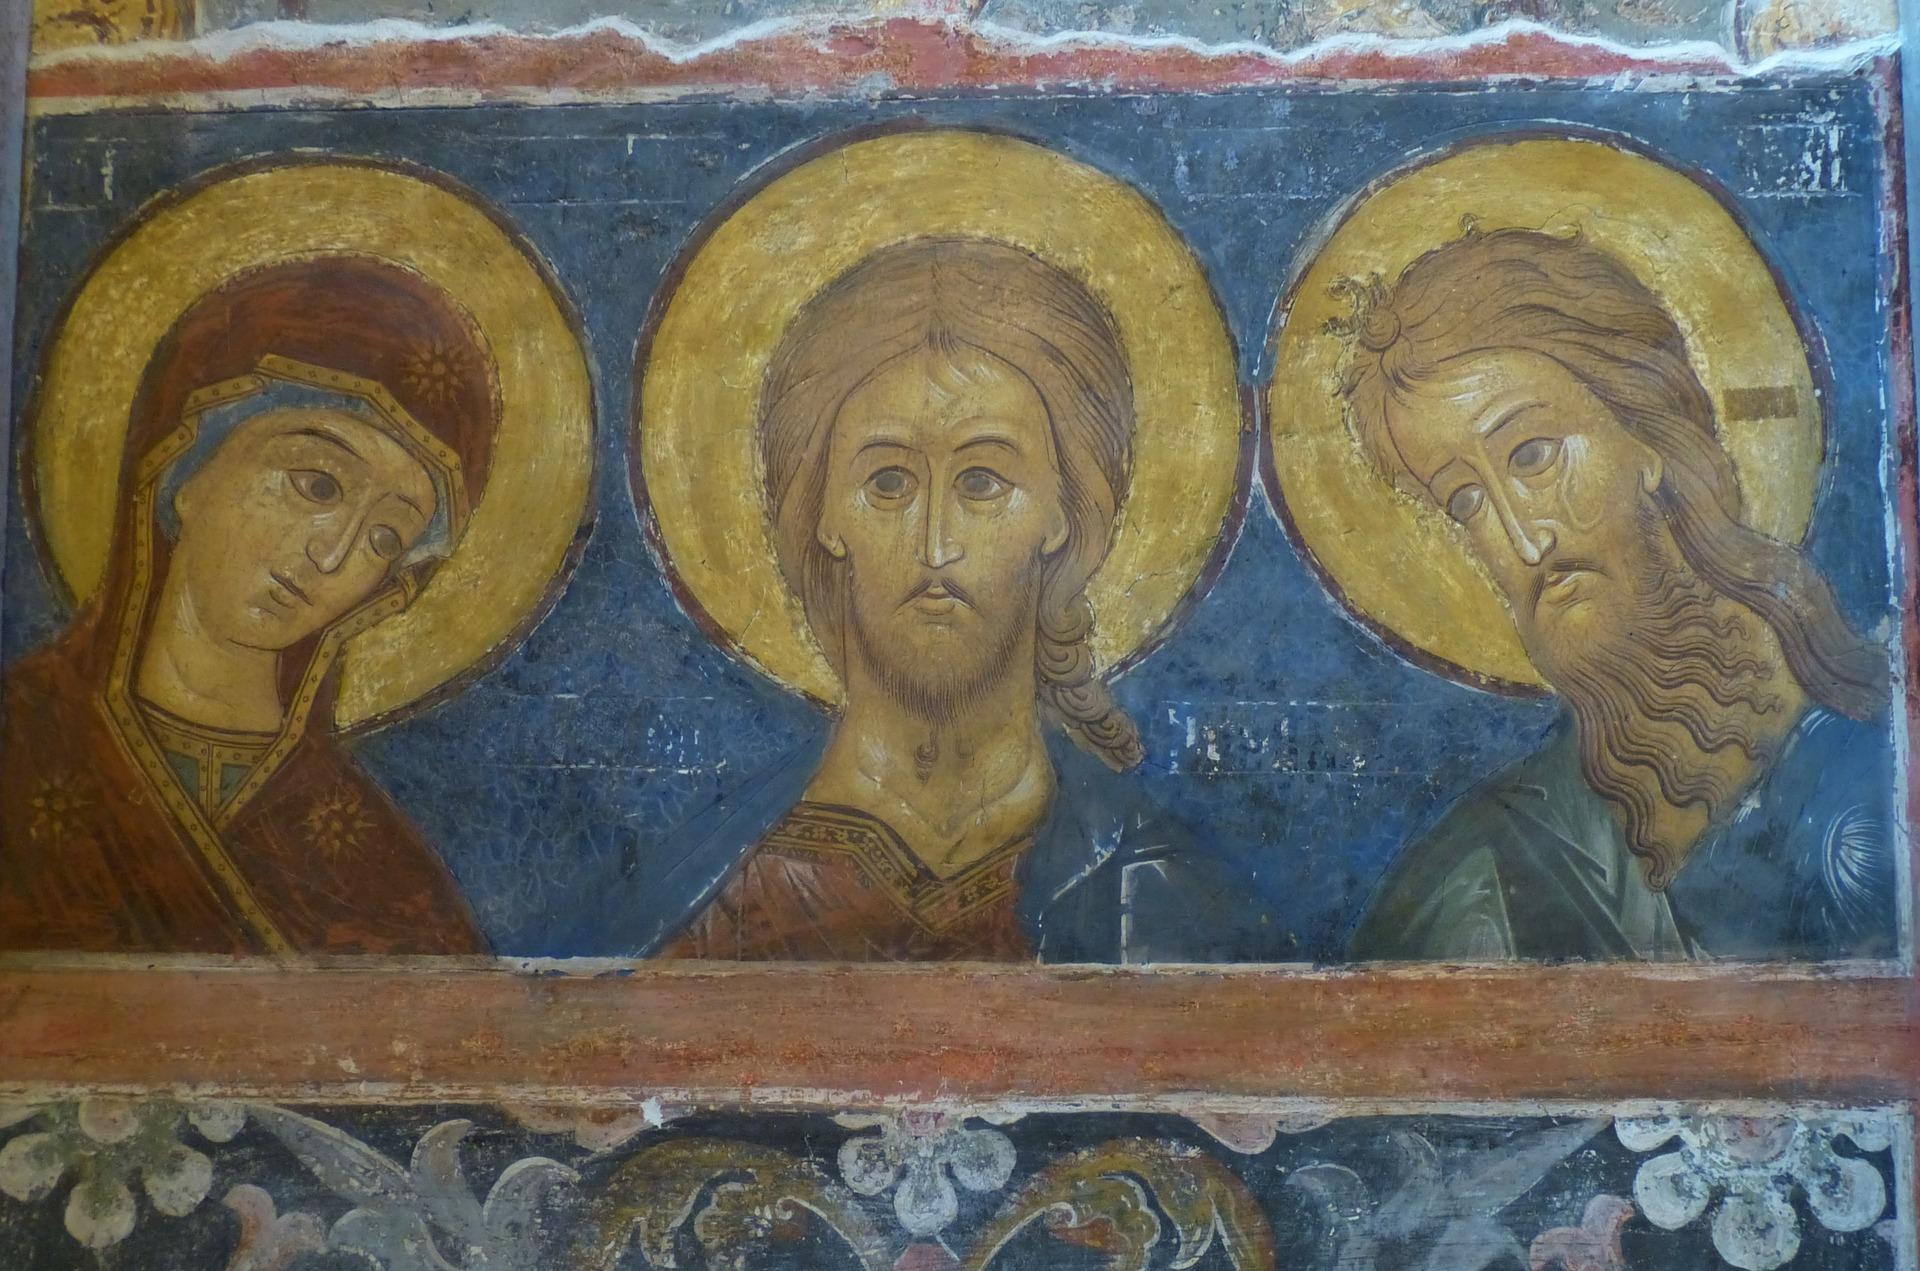 <p>Wszyscy dążymy do świętości. Zdobywamy ją sobie dobrymi uczynkami, modlitwą, uczestnictwem w życiu Kościoła. A jak sprawa się ma pod względem technicznym? Jakie procedury muszą zostać spełnione, by ogłosić kogoś świętym?</p>